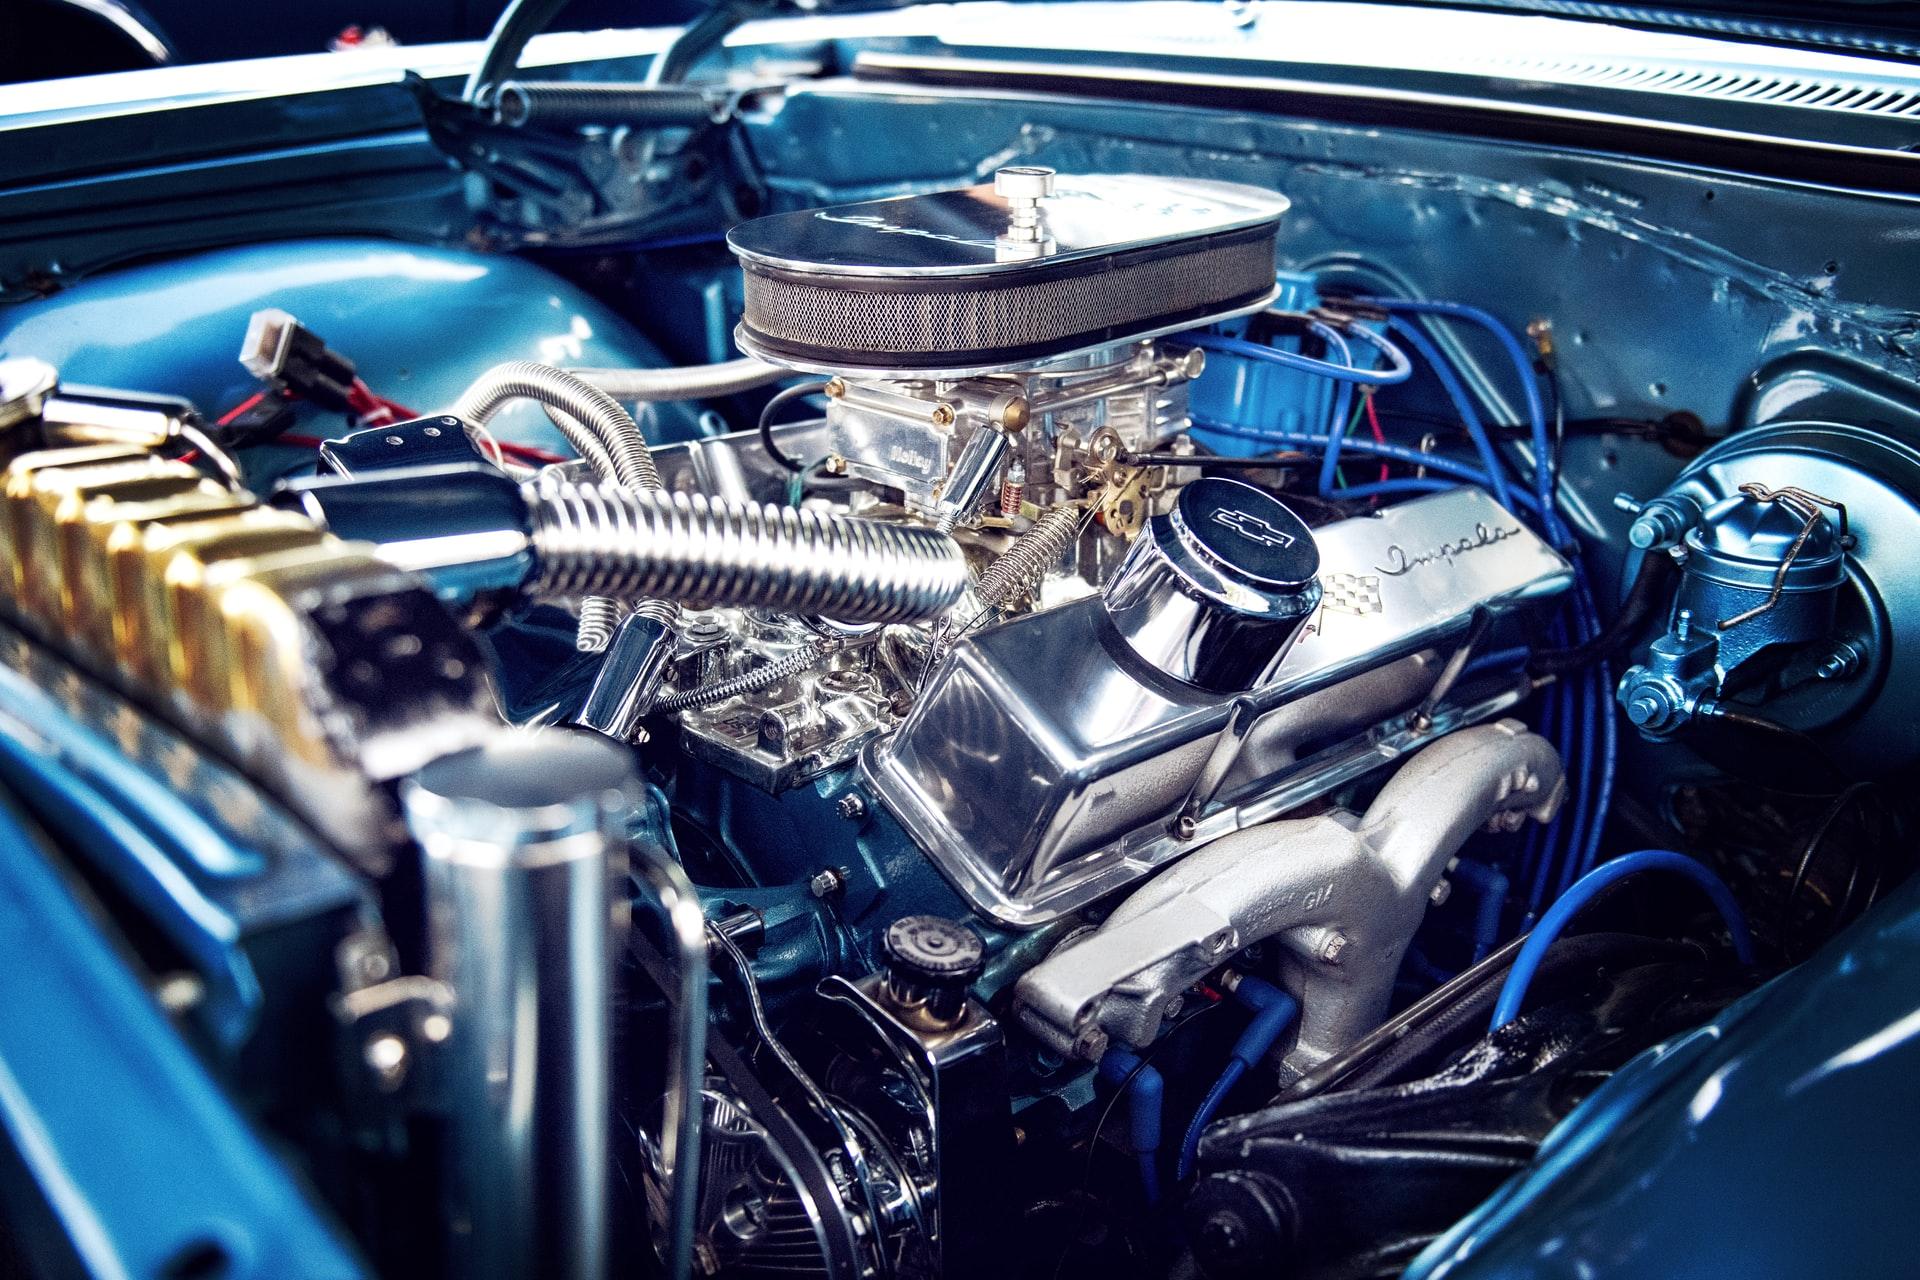 Inlocuire componente motor